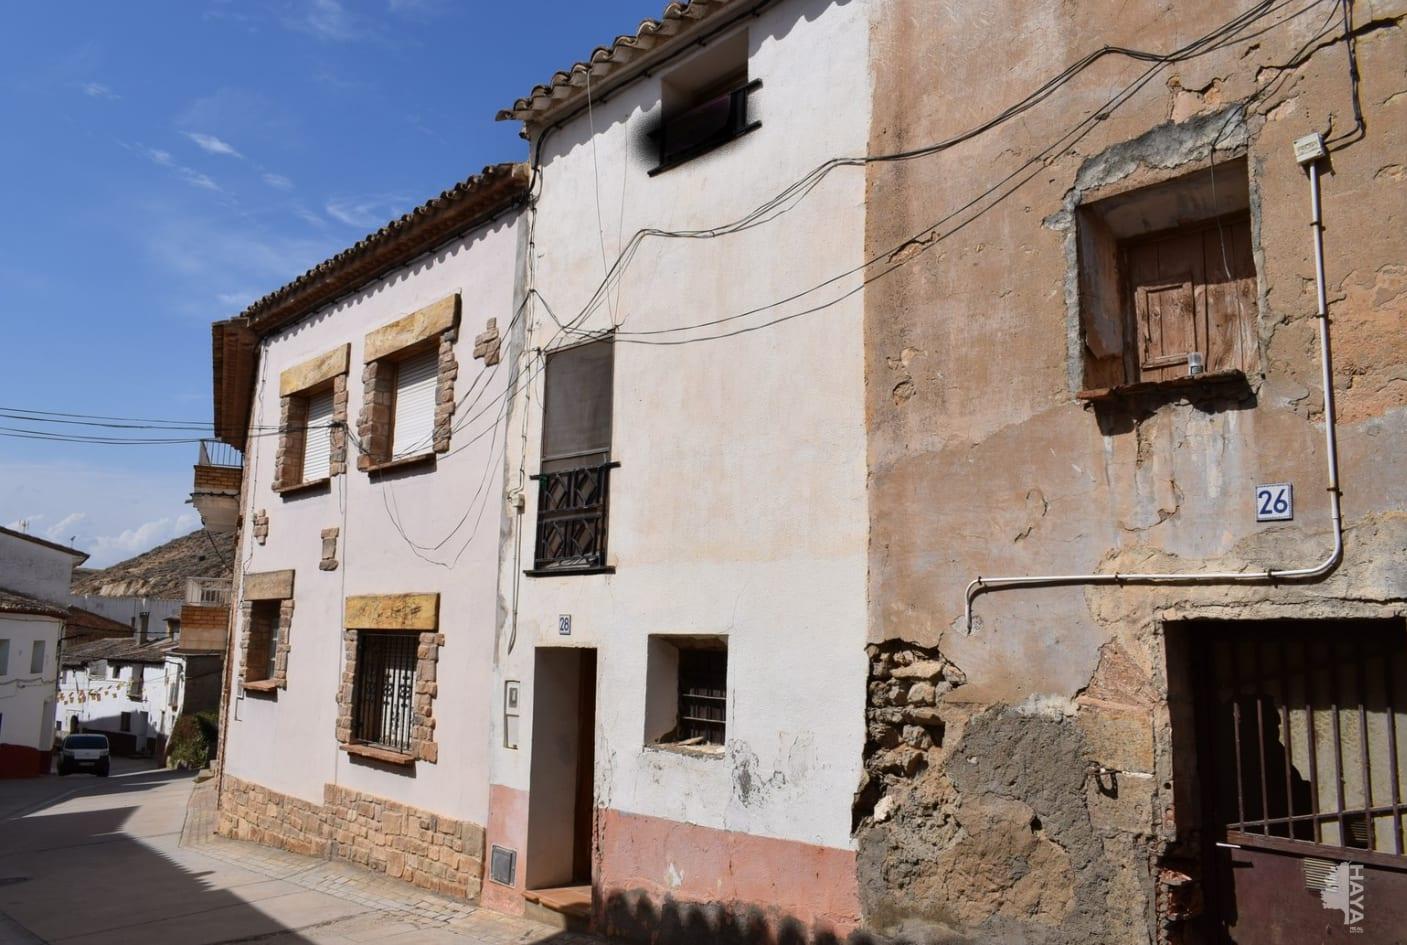 Casa en venta en Ontiñena, Ontiñena, Huesca, Calle Castillo, 17.900 €, 2 habitaciones, 1 baño, 177 m2